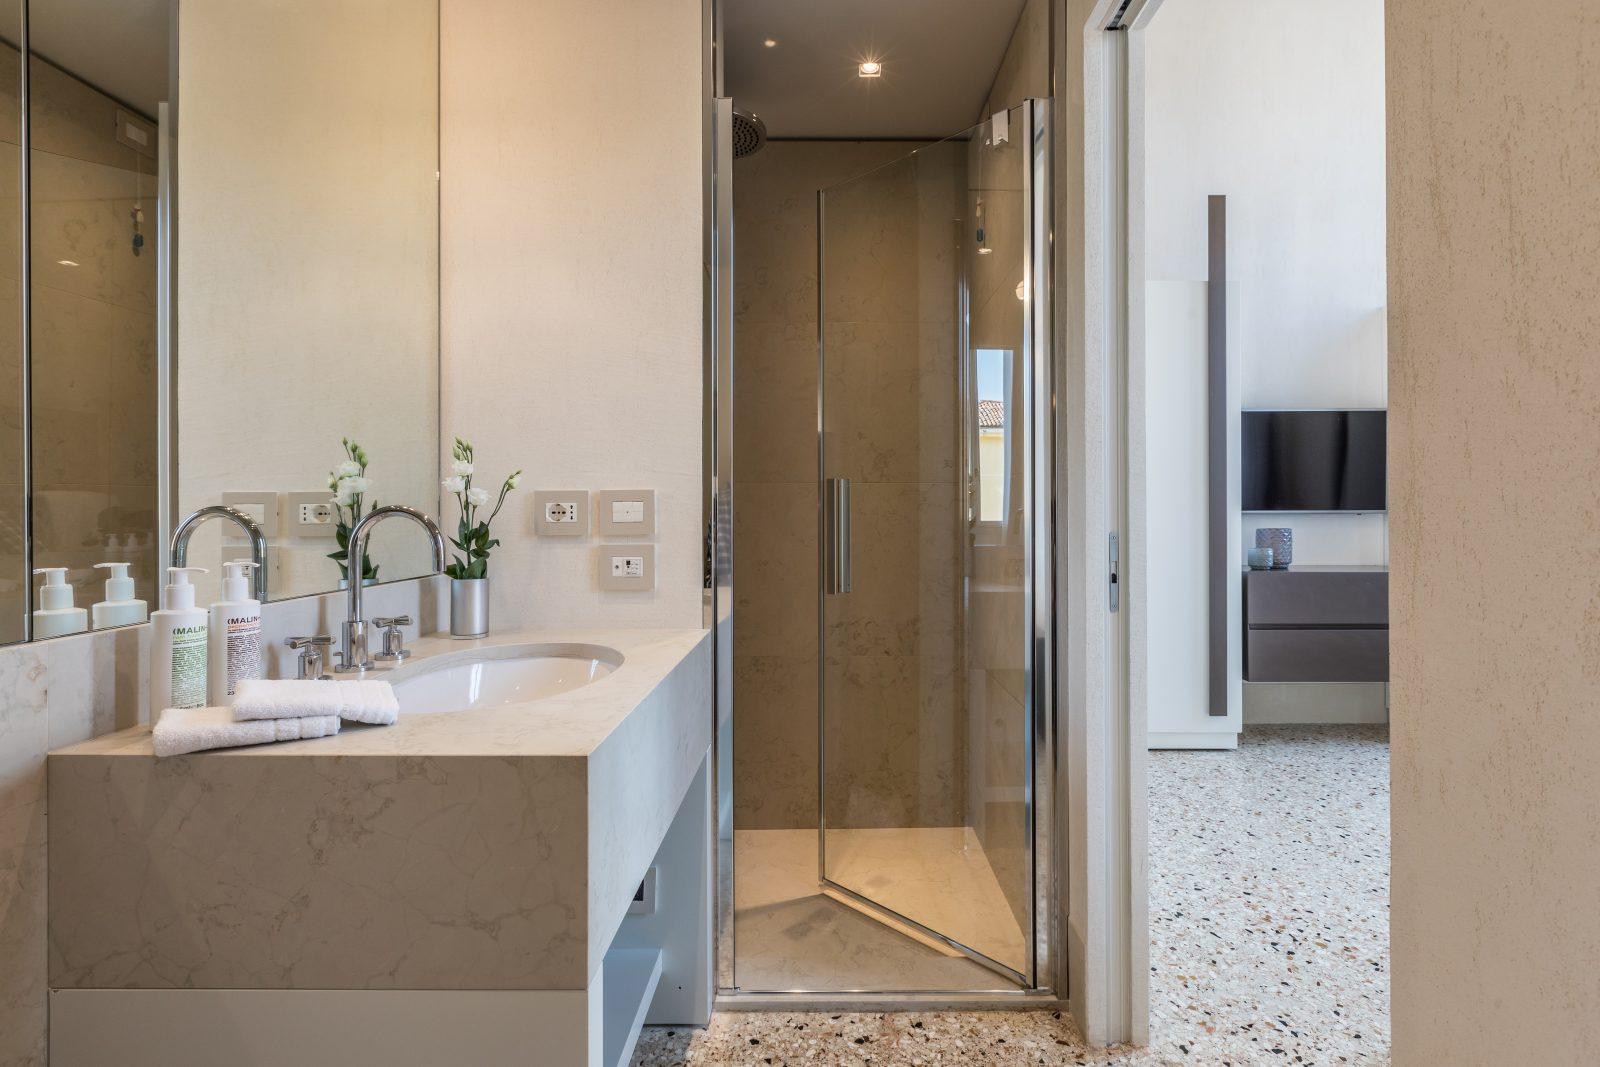 bagno-appartamento-ginepro-doccia-lavandino-venezia-palazzo-morosini